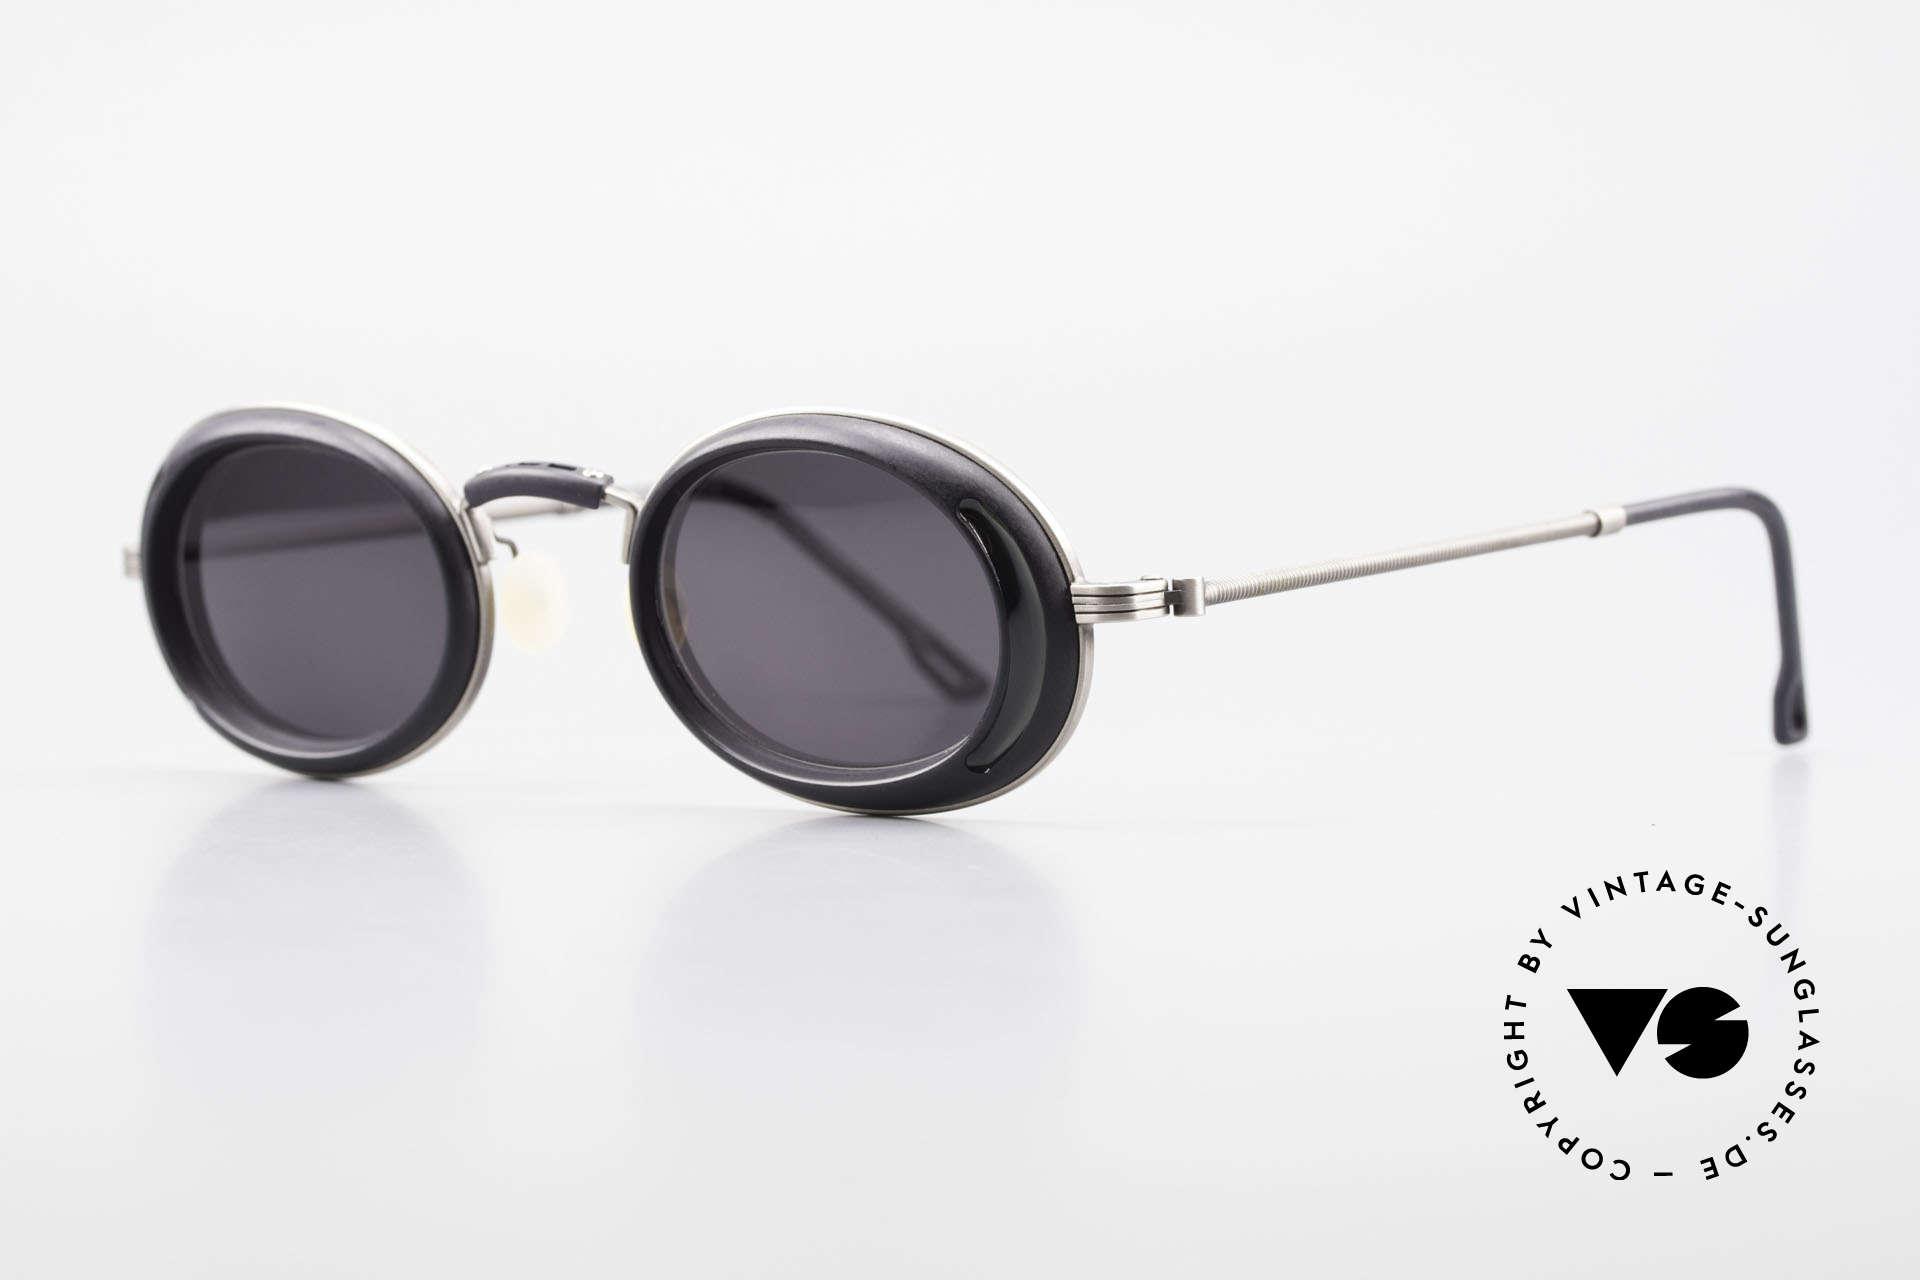 DOX 05 ATS Industrial Brille Gaultier Stil, entsprechend sind Qualität & Anmutung identisch top, Passend für Herren und Damen